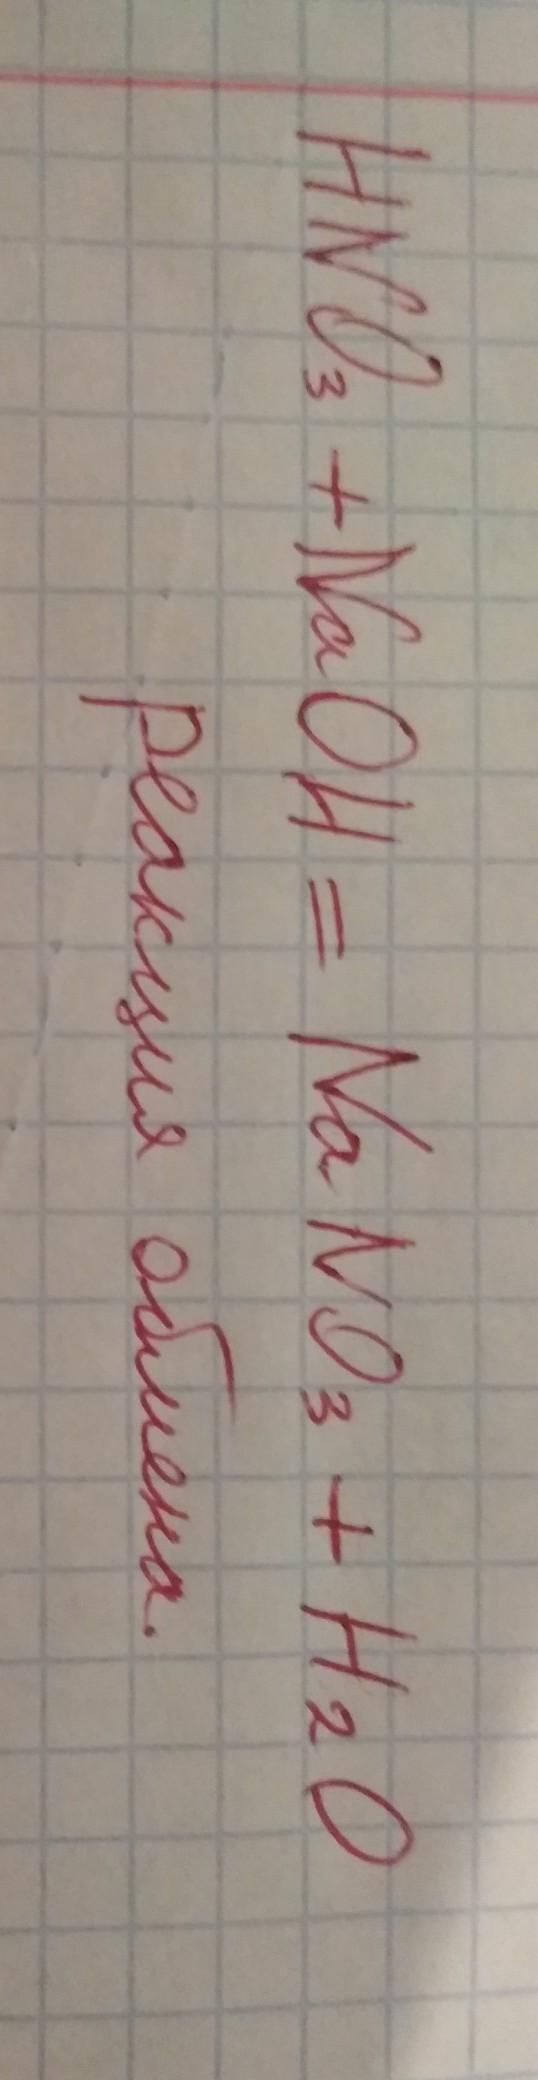 HNO3+NaOH тип реакции